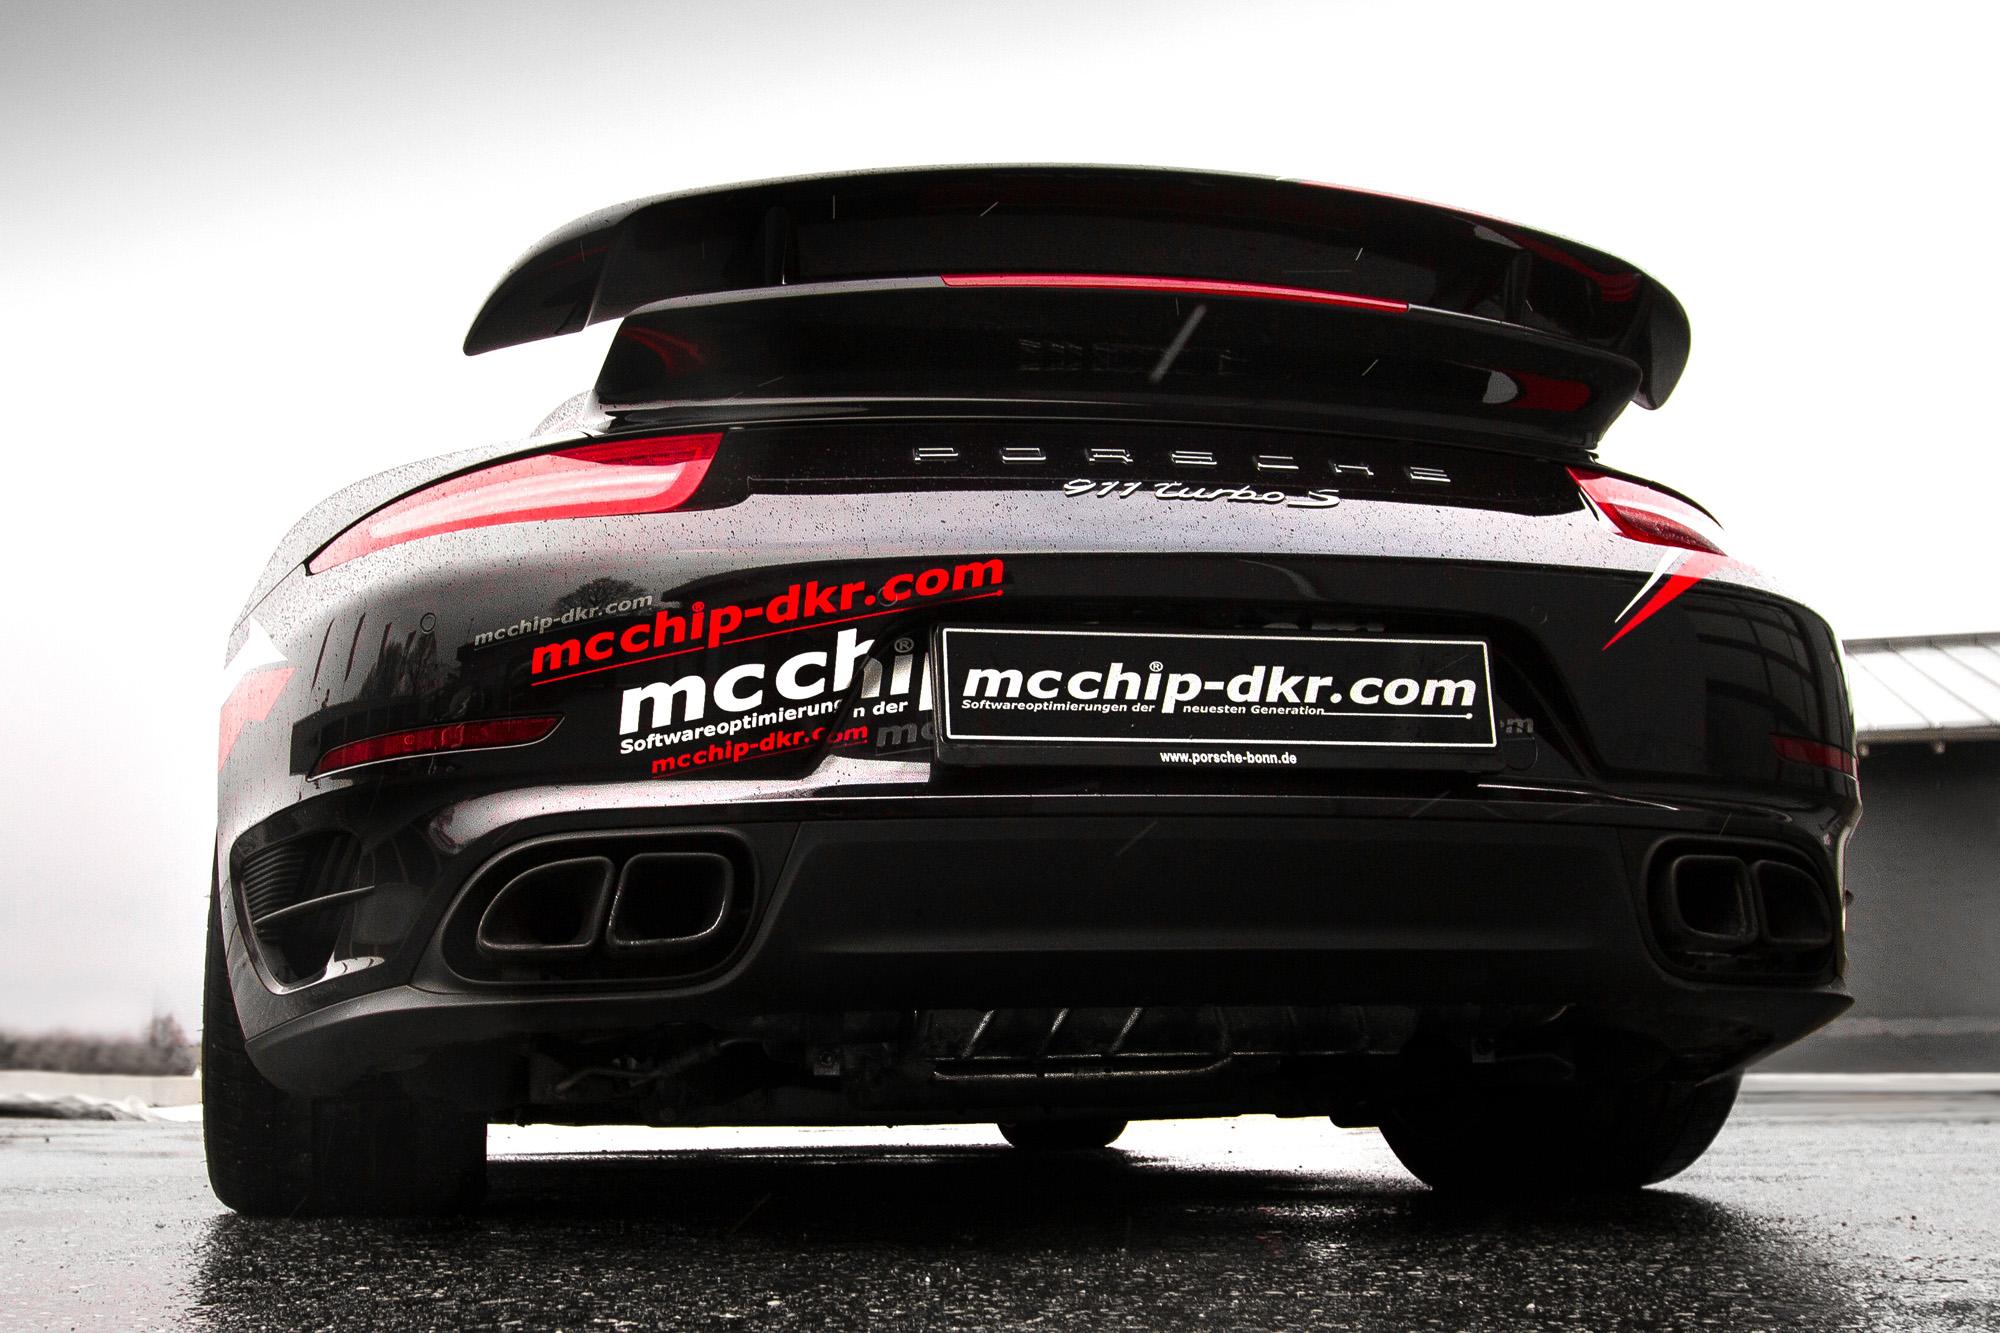 Mit der Capristo-Abgasanlage wird es laut um den Porsche 911 Turbo S.